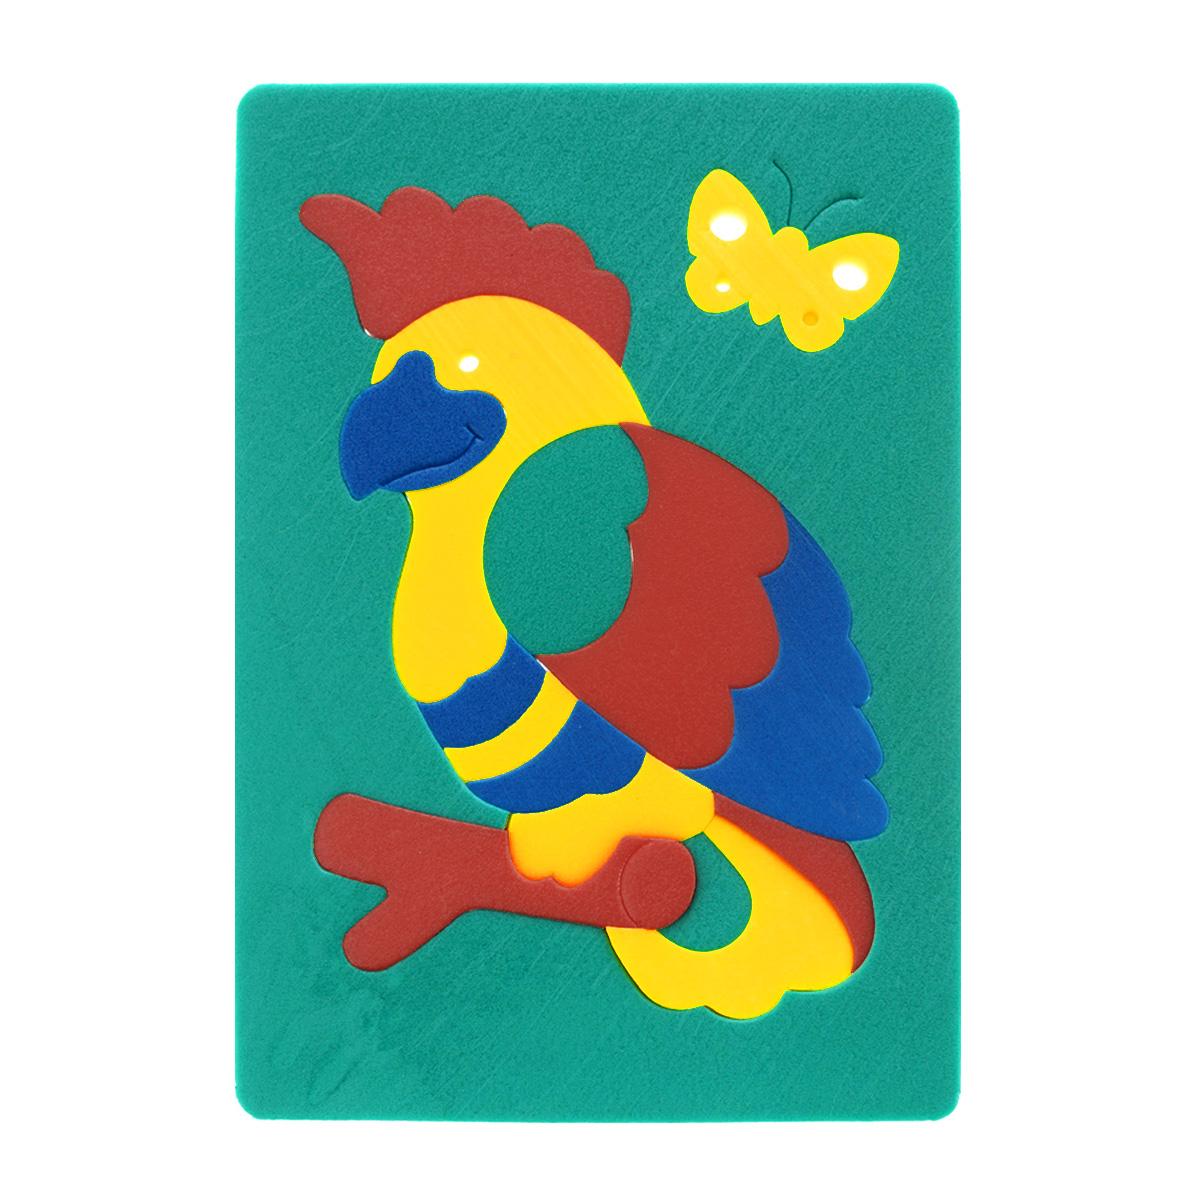 Мягкая мозаика Флексика Попугай, цвет: зеленый игрушки для ванны флексика мозаика набор для ванны замок